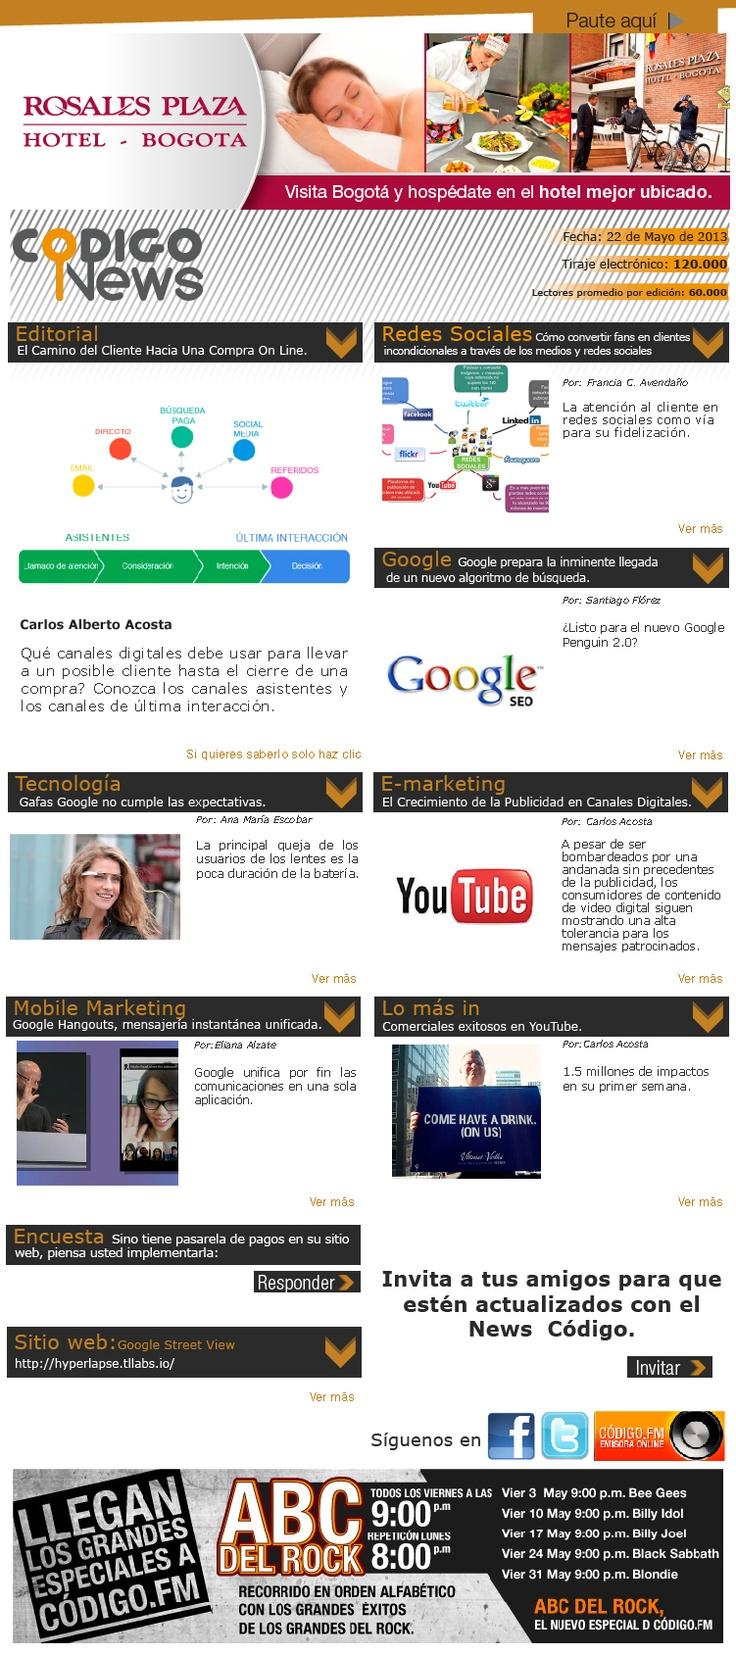 Lo último en e-mailing, redes, mobile marketing y tecnología con nuestro news #66